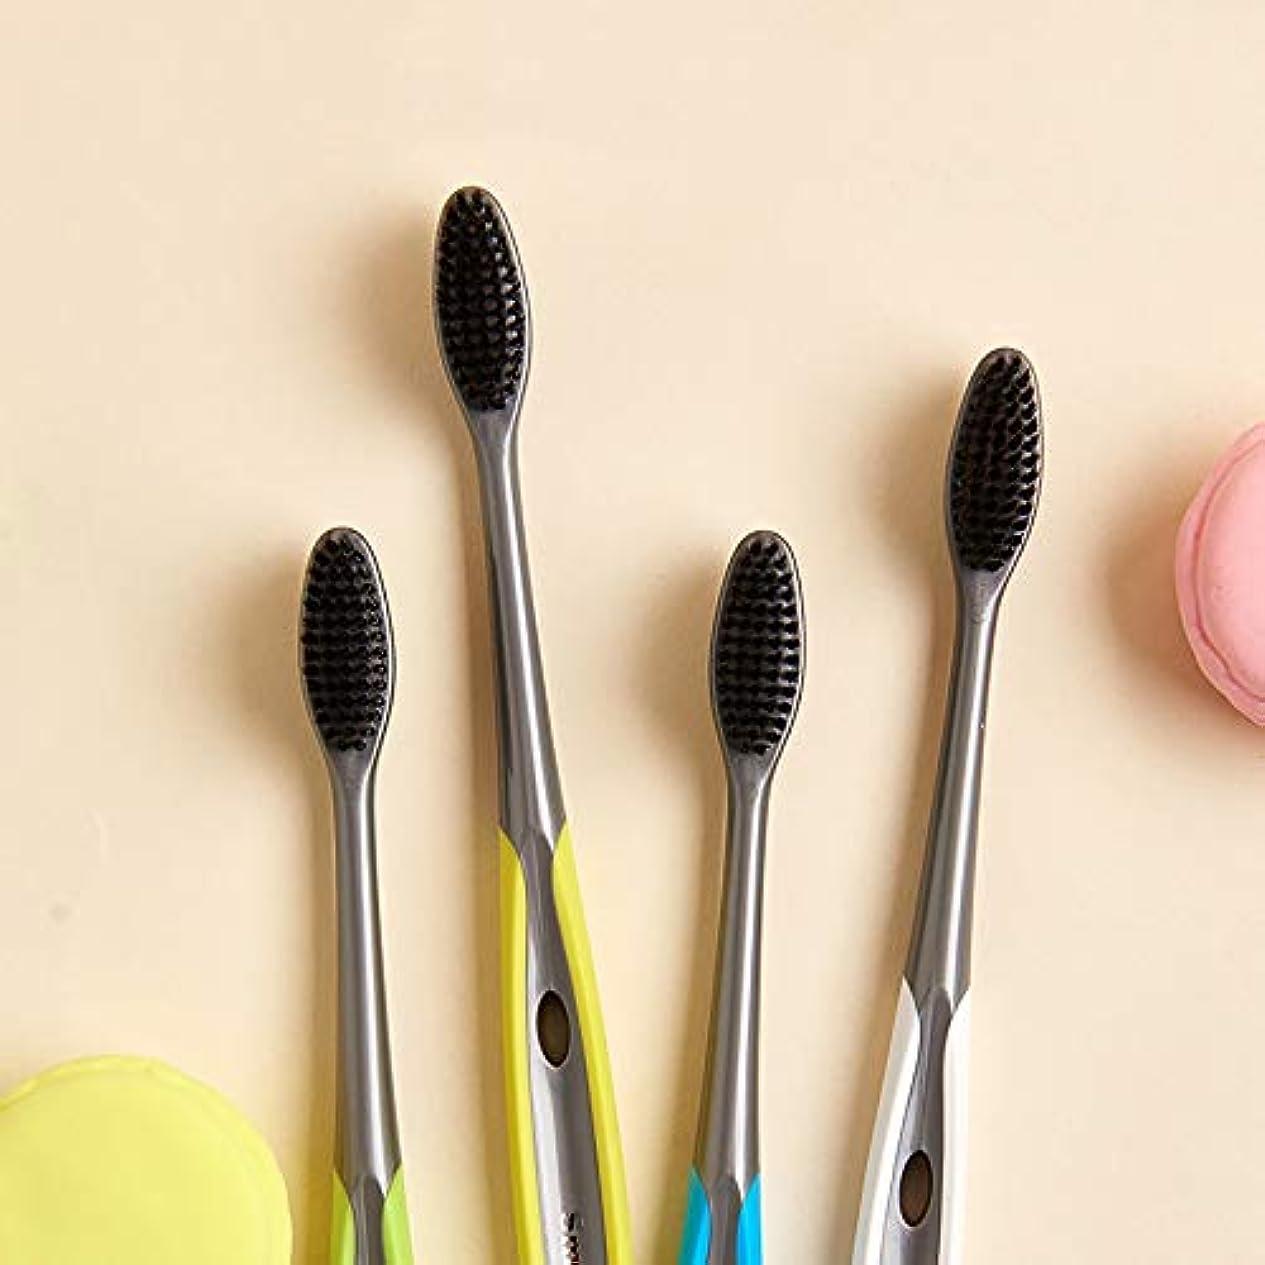 しないでください並外れて囲い歯ブラシ 竹炭歯ブラシ、口腔衛生歯ブラシ、バルク歯ブラシ - 10パック KHL (サイズ : 10 packs)